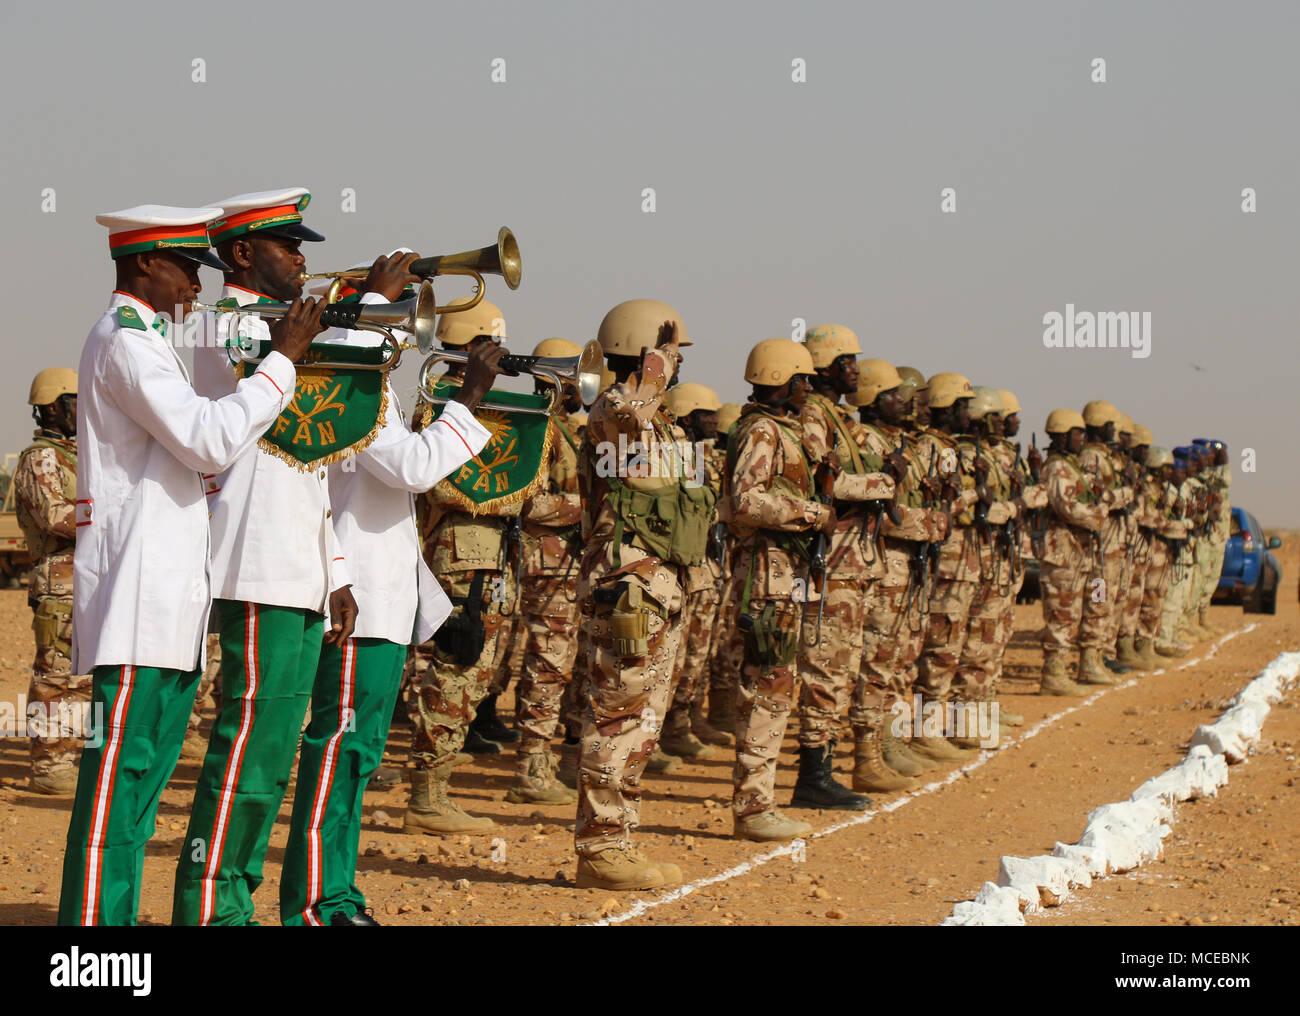 Soldaten der Streitkräfte Armiees Nigeriennes in der Eröffnungsfeier der Musketen 2018 Agadez, Niger am 11 April, 2018 teilnehmen. Flintlock US Africa Command's Premier und größte jährliche Spezialeinsatzkräfte trainieren. Stockbild